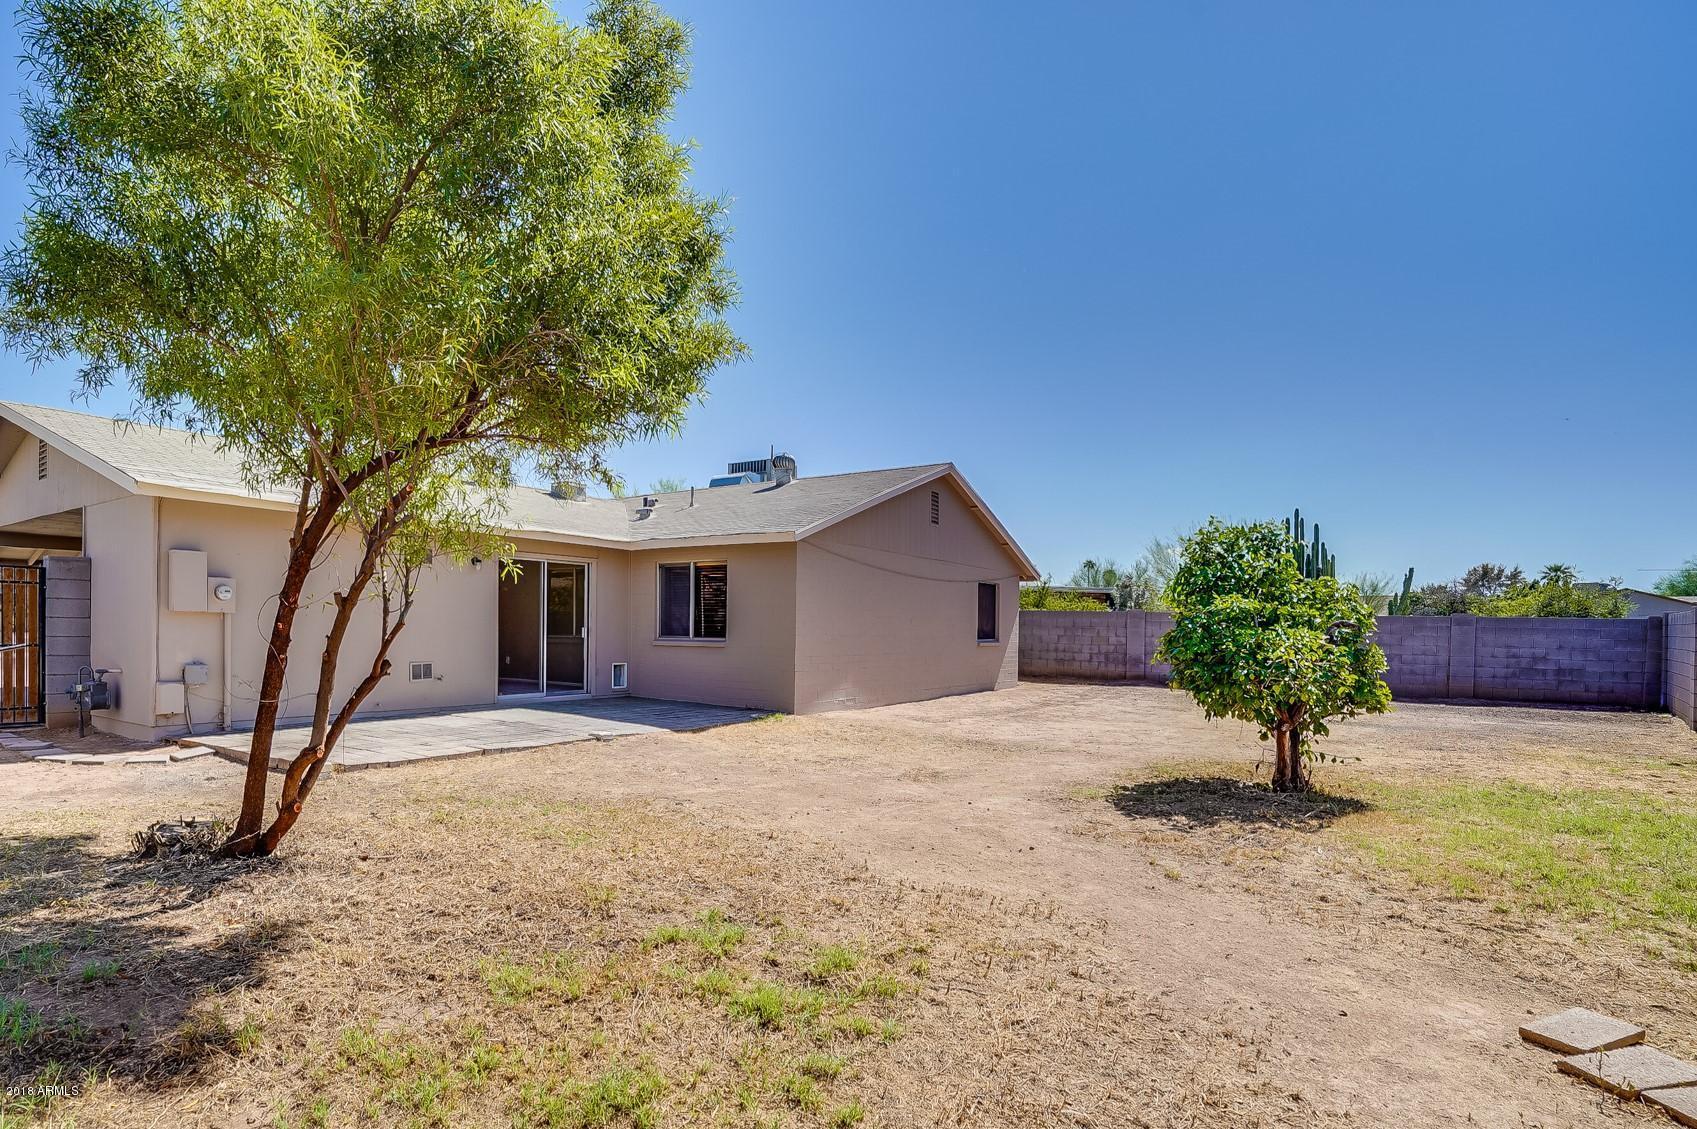 5420 S BRADLEY Drive Tempe, AZ 85283 - MLS #: 5826606